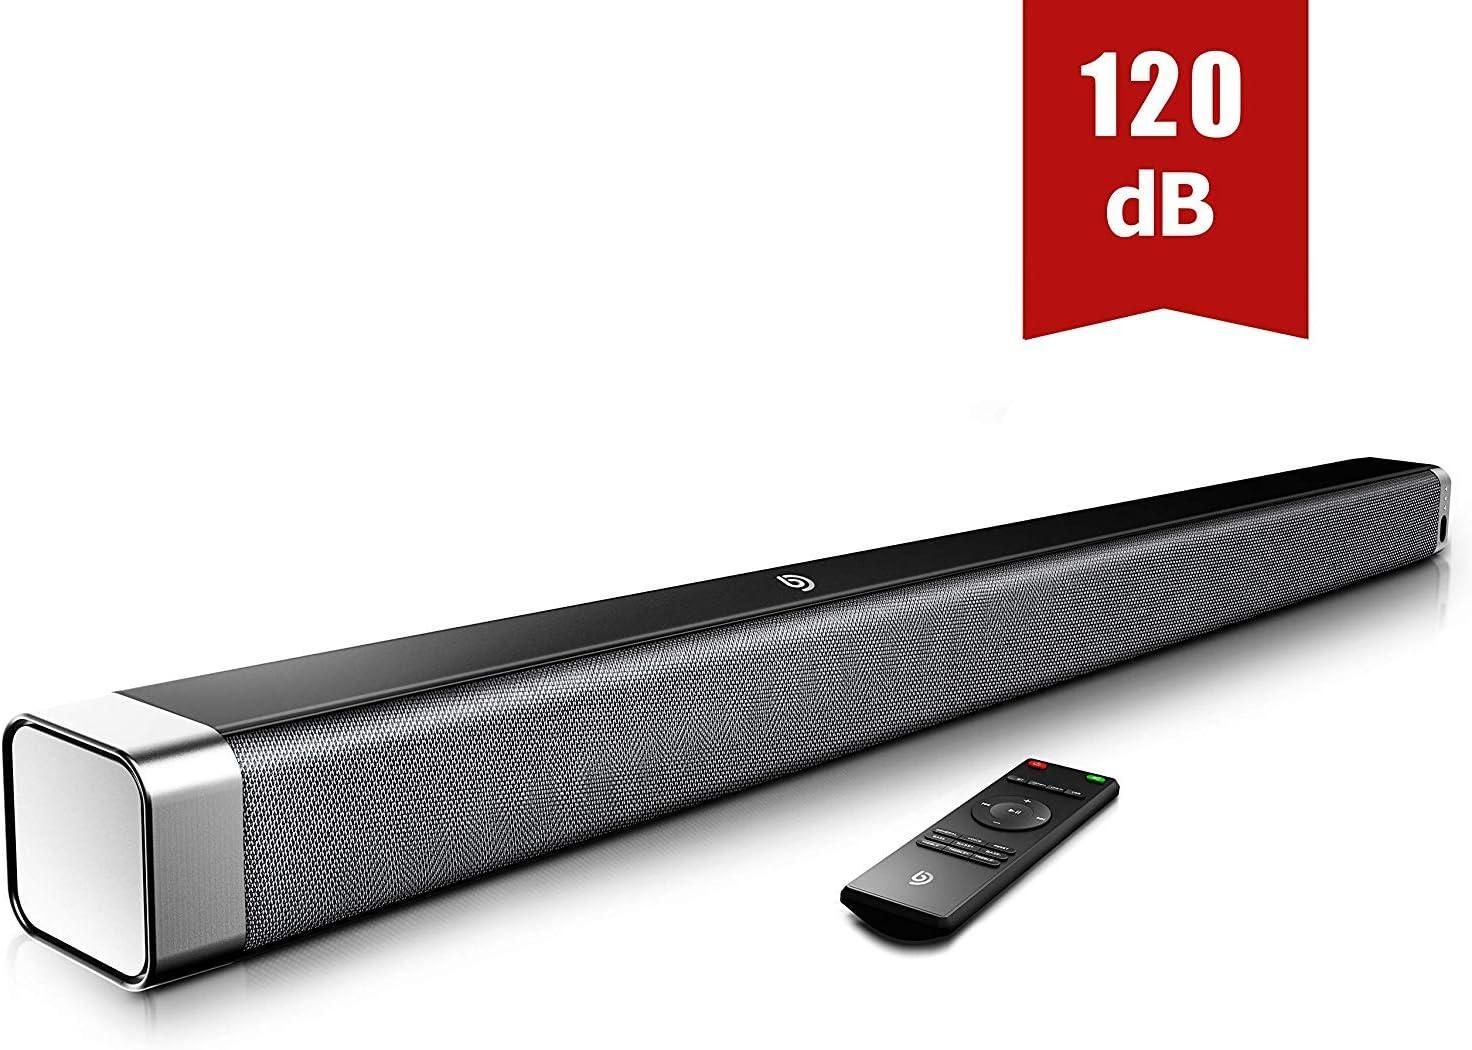 Barra de Sonido 2.0 Canales, Potencia 120dB, BOMAKER Tecnología DSP Subwoofer Incorporado + Bluetooth 5.0 para TV, Soporta Óptico, 3,5 mm Audio AUX, USB, para Cine en Casa, ODINE I, Negro-Gris